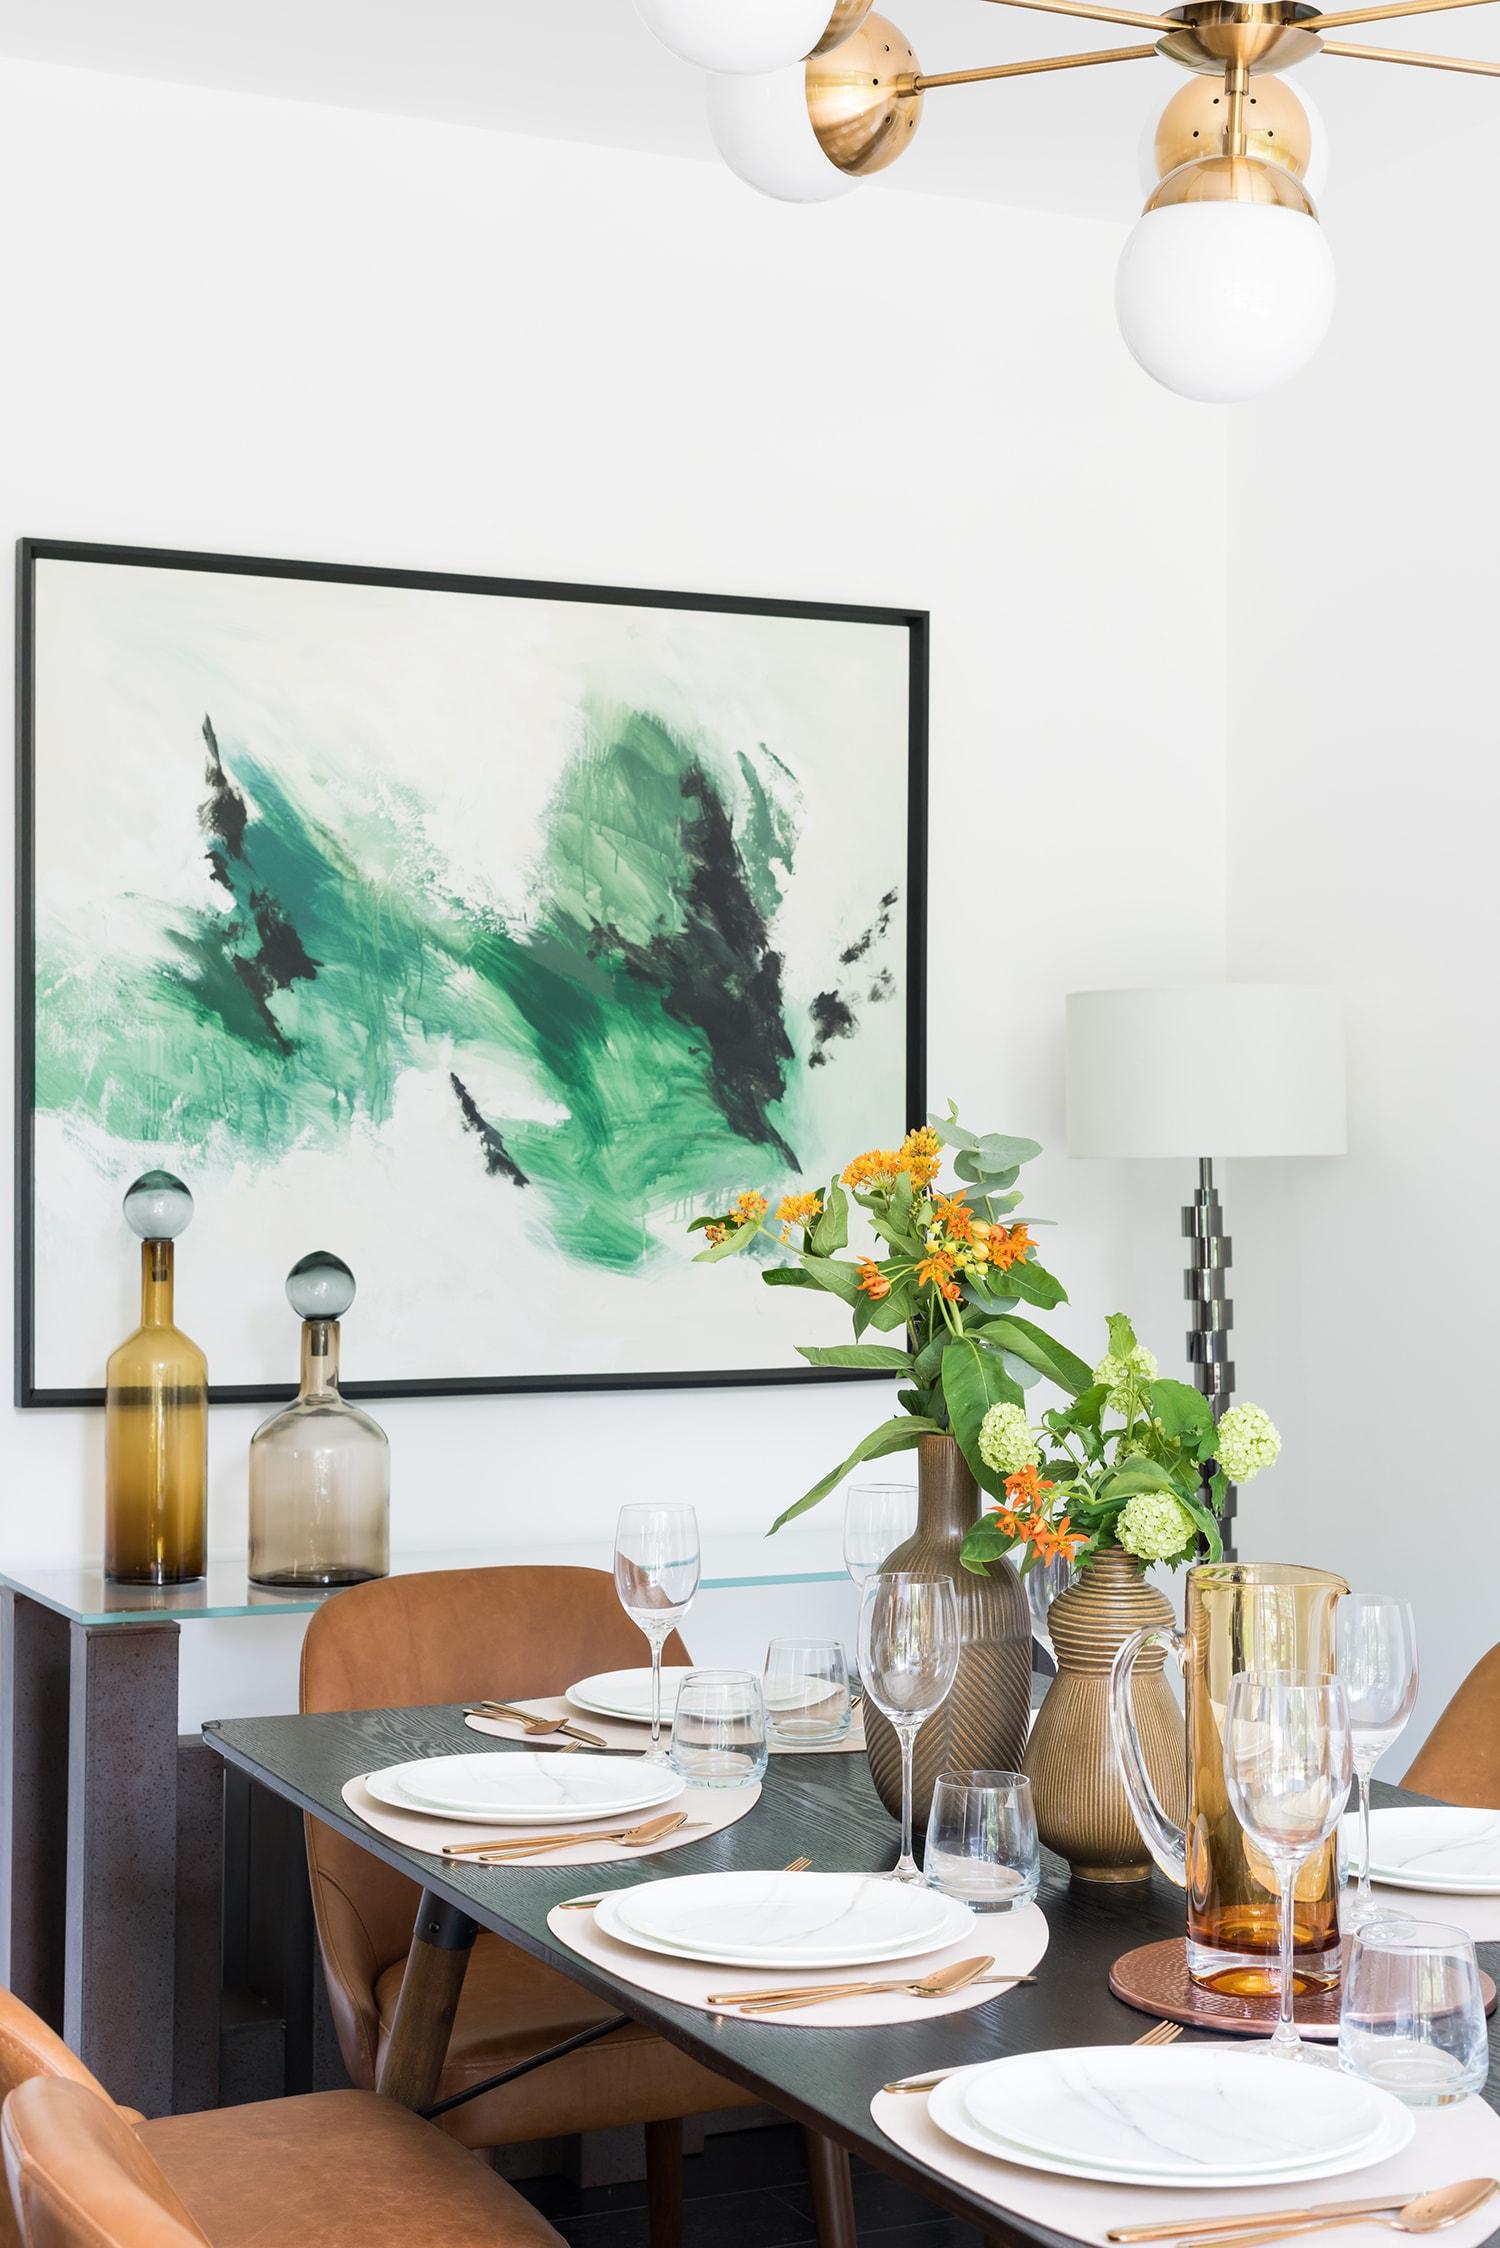 A.LONDON_Ashchurch_Villas_Dining_Room_01.jpg